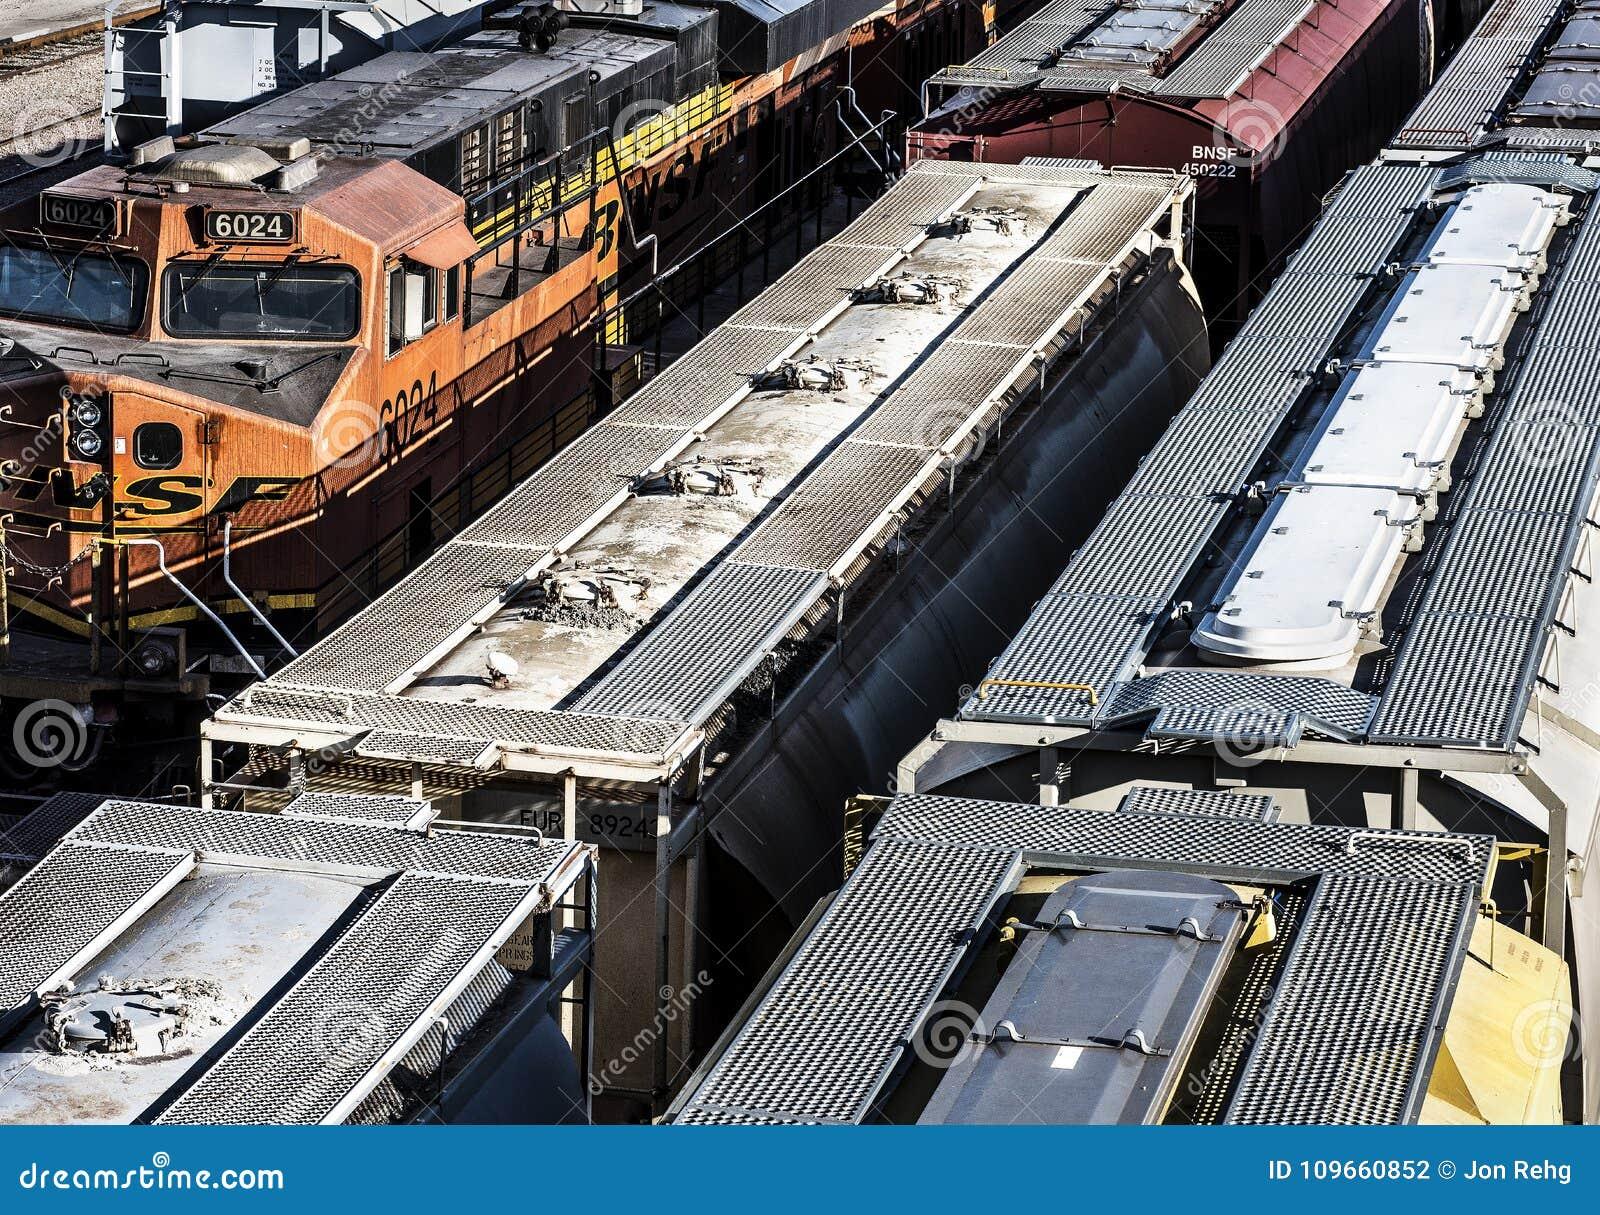 Το Σαιντ Λούις, Μισσούρι, ενωμένο κράτος-Circa 2018 πολλαπλάσιες γραμμές αυτοκινήτων τραίνων που παρατάχθηκαν στις διαδρομές τραί